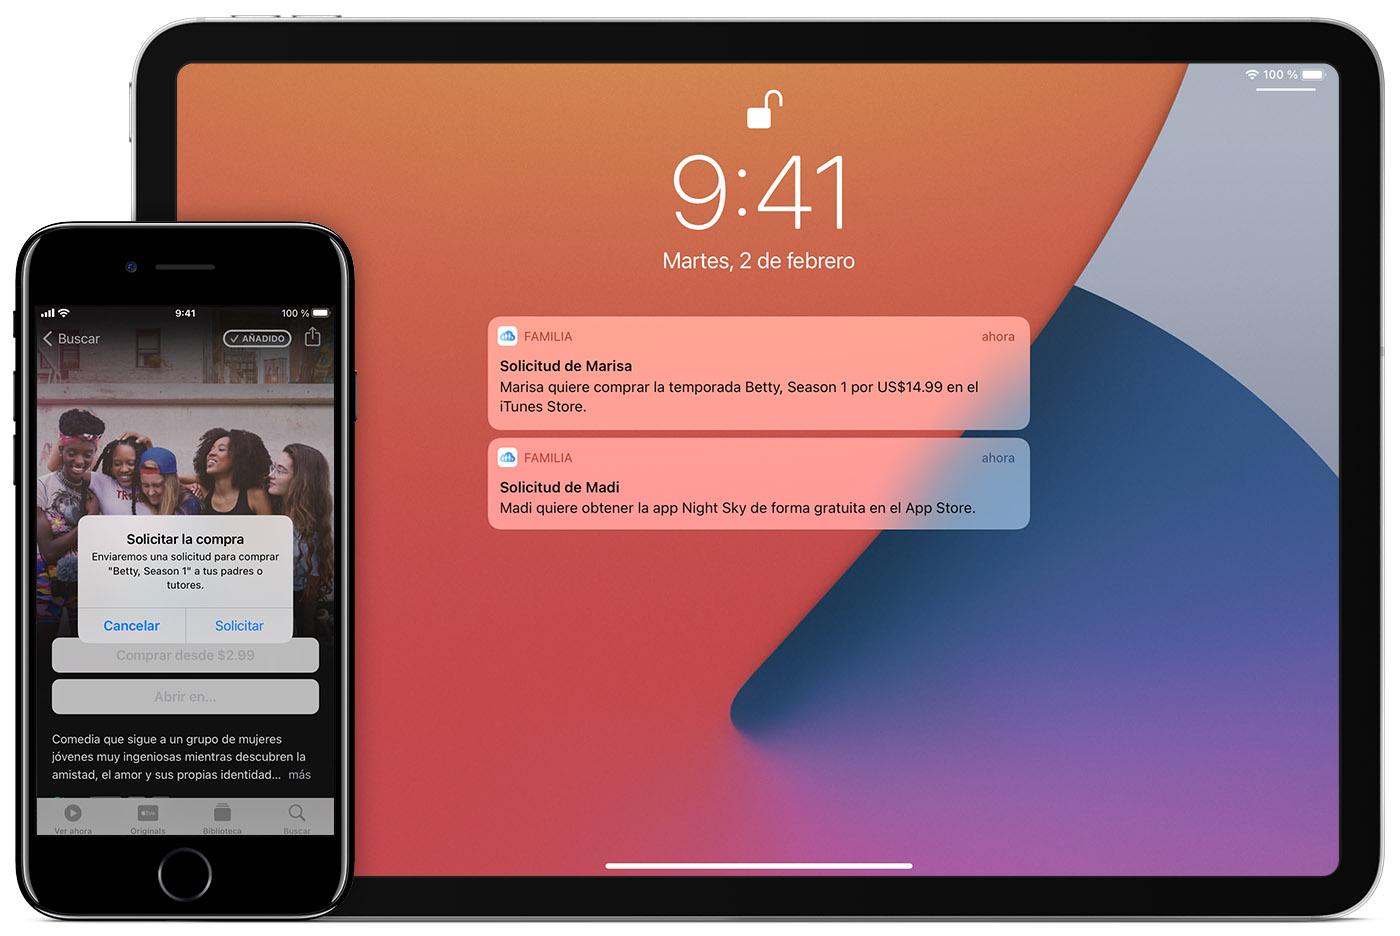 El iPad muestra las solicitudes de los menores, Madi y Marisa, mientras que el iPhone y el AppleWatch muestran lo que hay en los dispositivos de los menores.